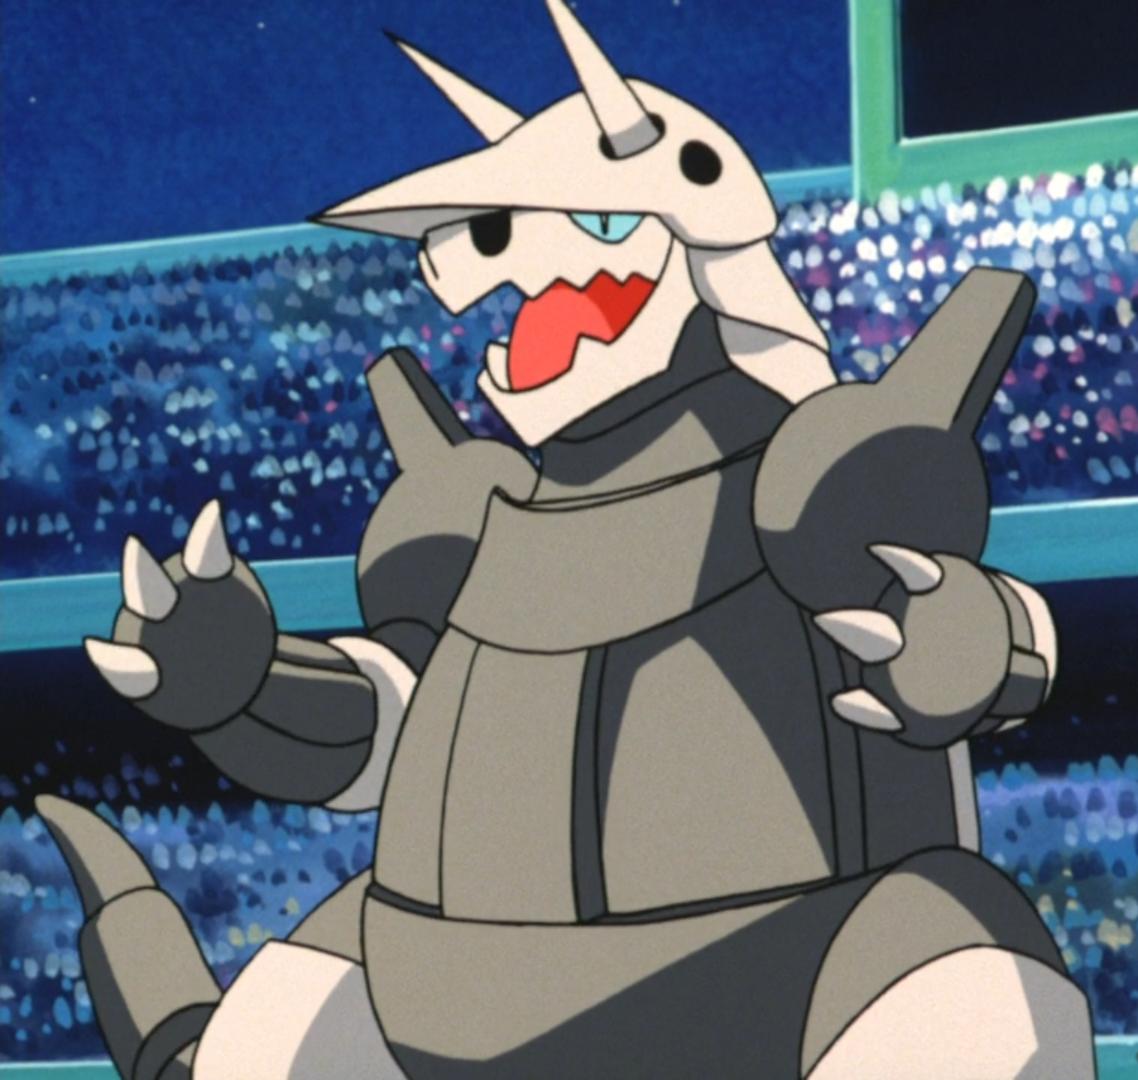 brendan (anime) | pokémon wiki | fandom powered by wikia